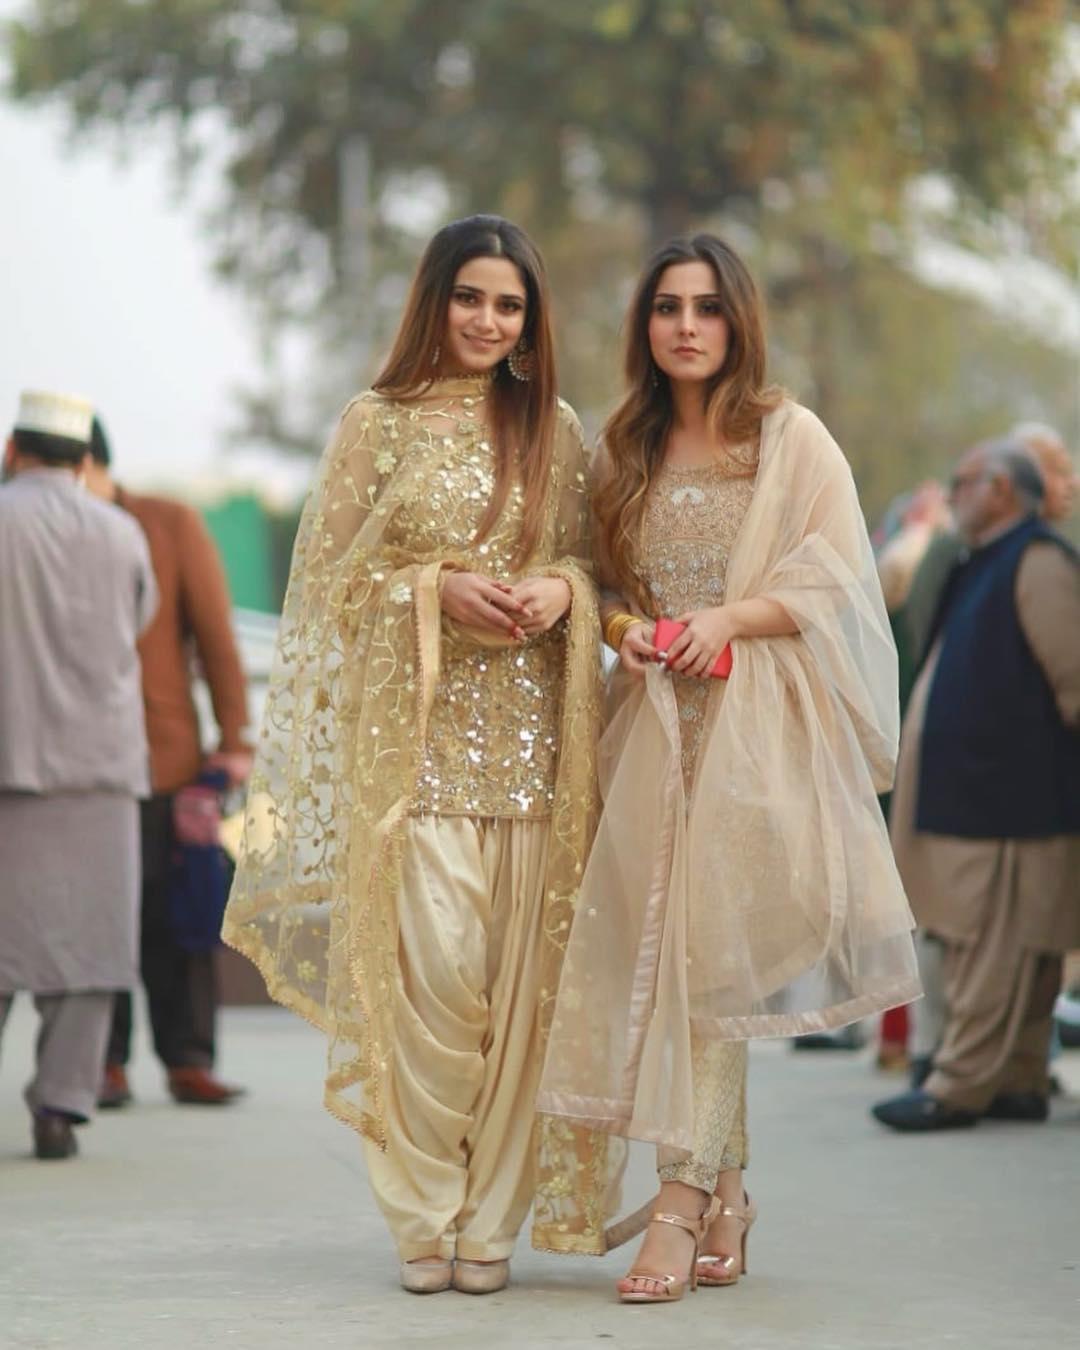 Looking So Cute - Aima Baig at Walima of Her Sister Nadia Baig   Check Beautiful Clicks